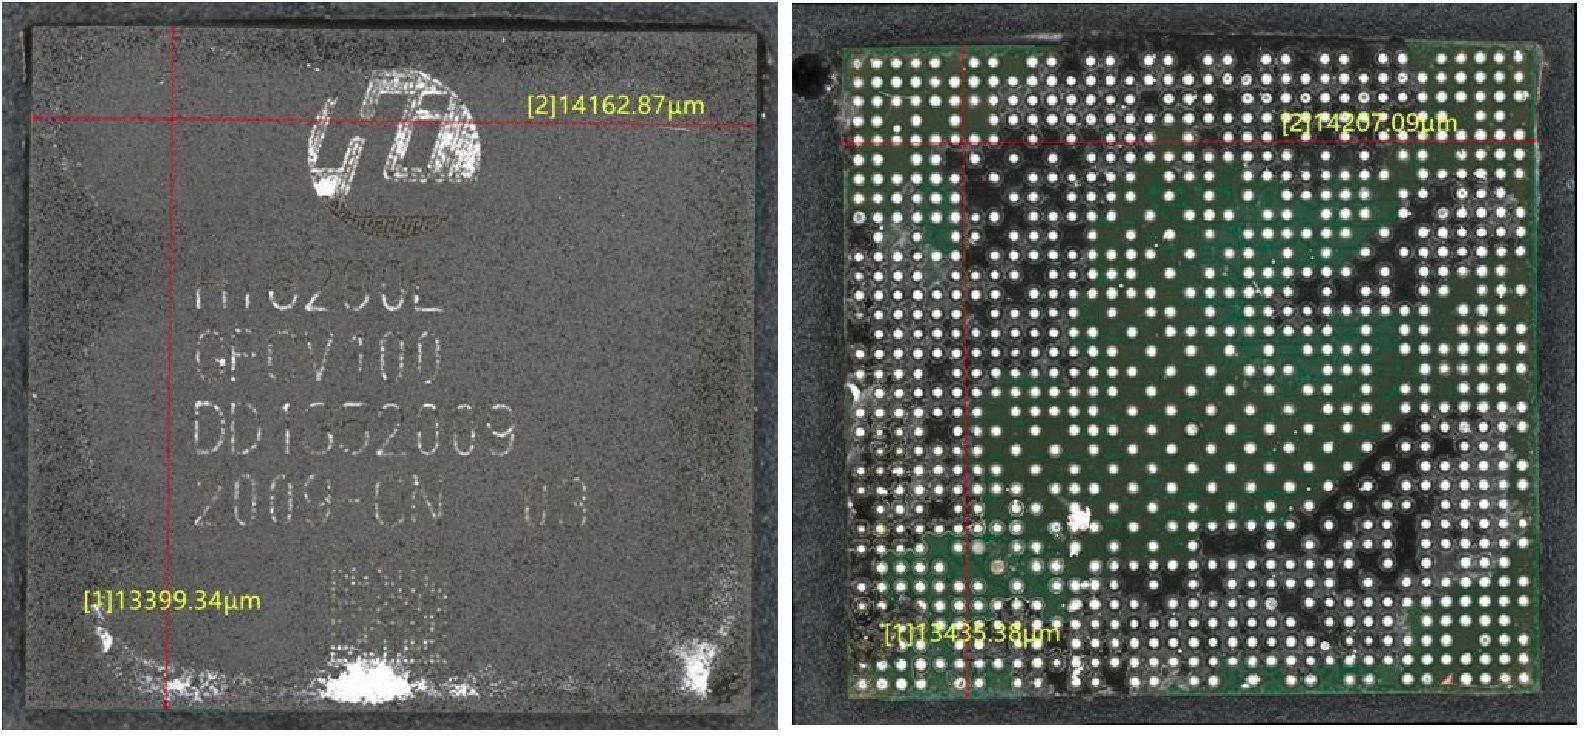 Huawei Kirin 820のDie Shotが公開、Kirin 985とKirin 820は同じ設計